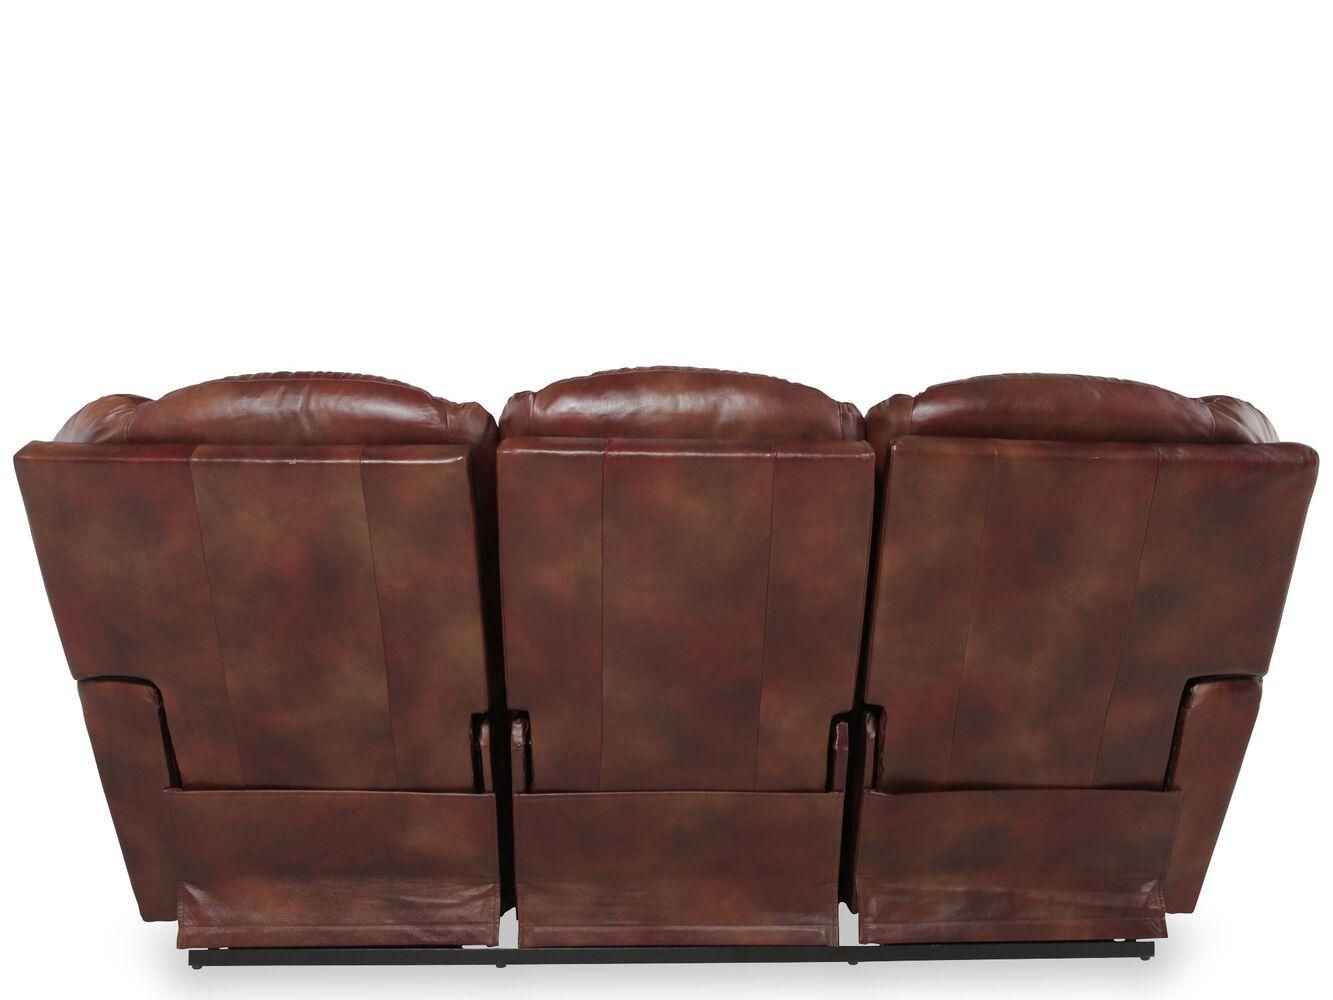 LaZBoy Maverick Mahogany Leather Reclining Sofa Mathis - Mahogany leather sofa